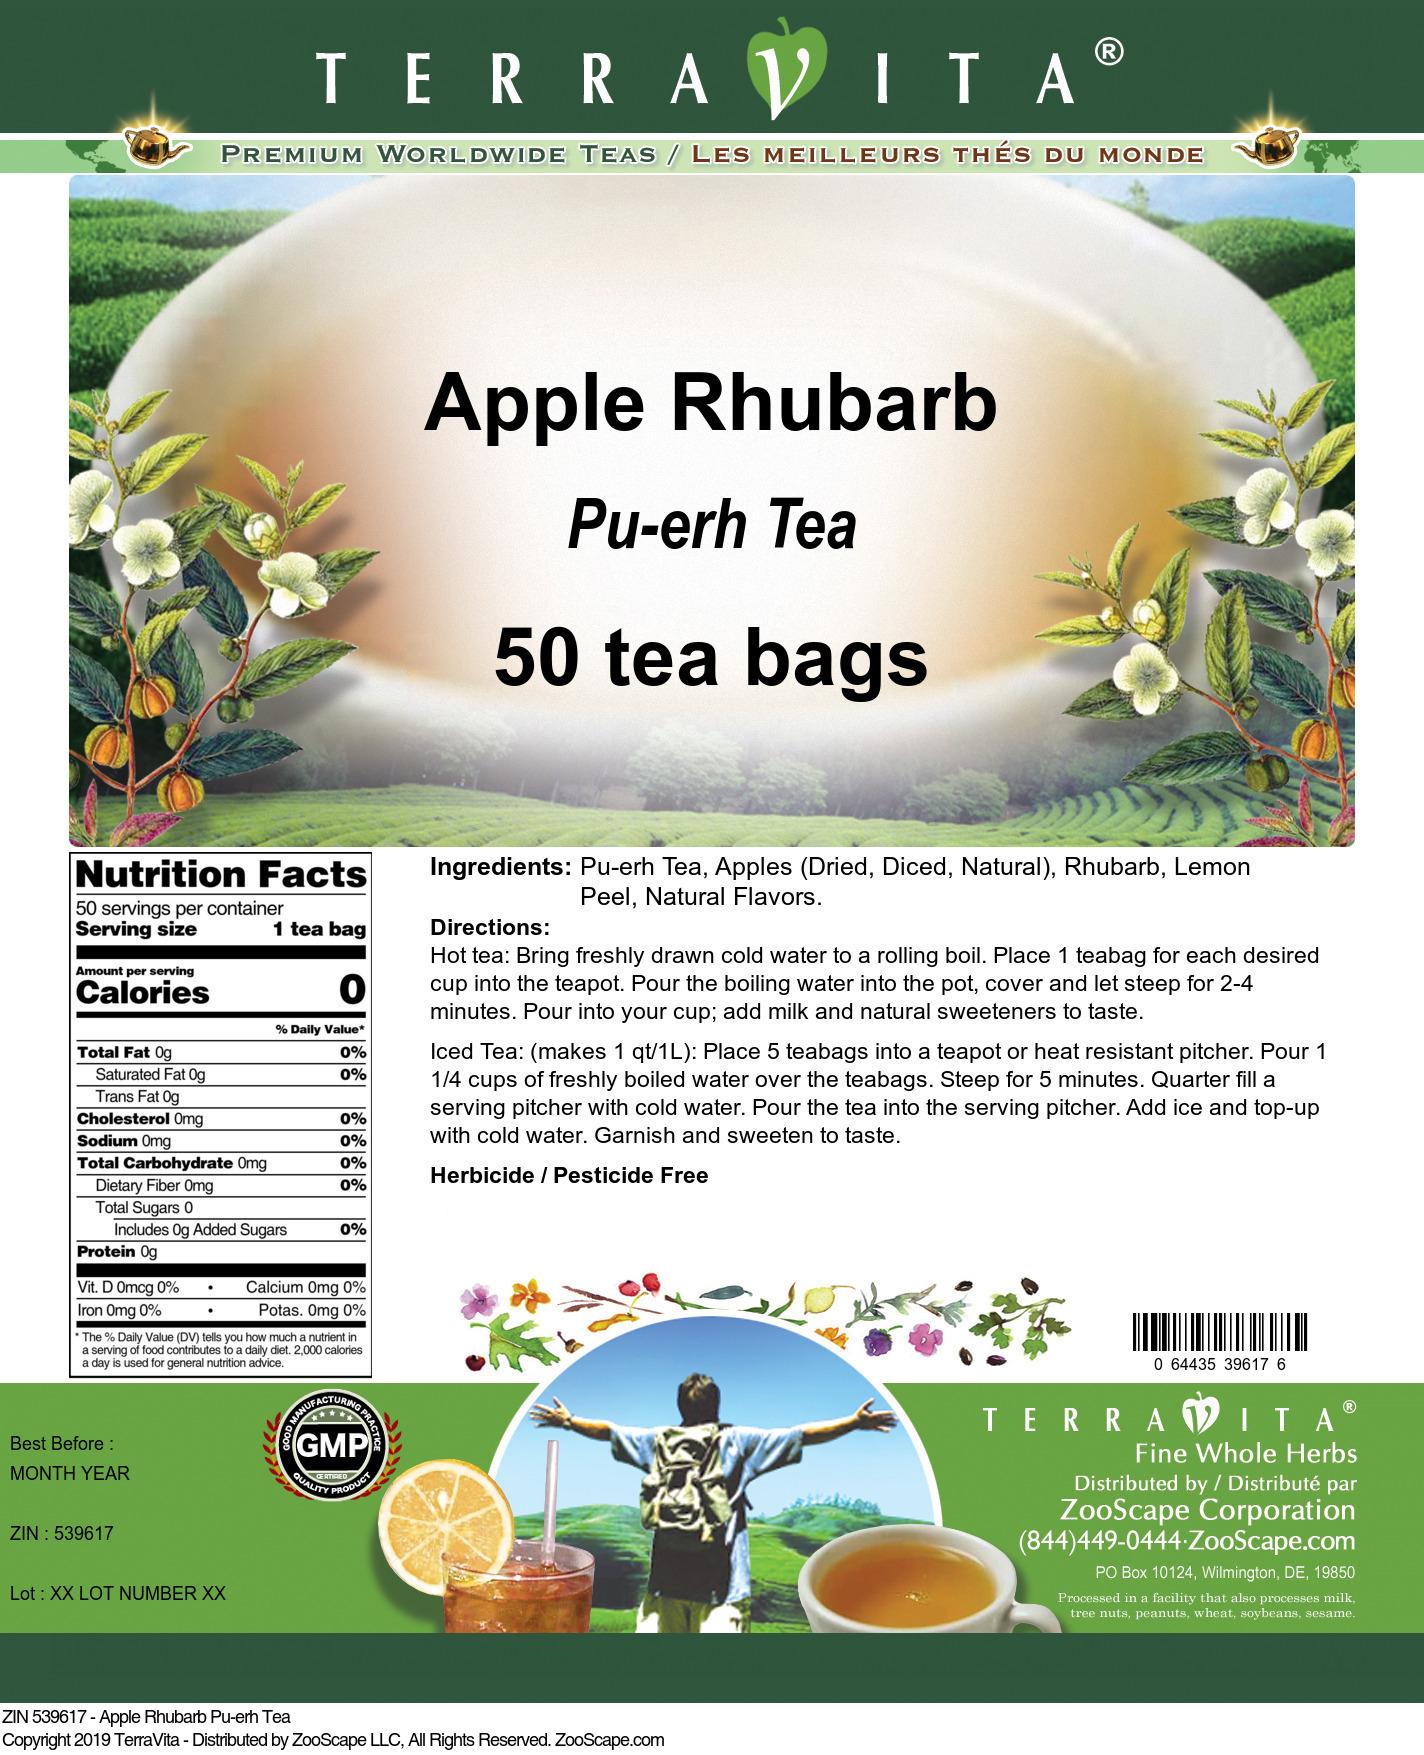 Apple Rhubarb Pu-erh Tea